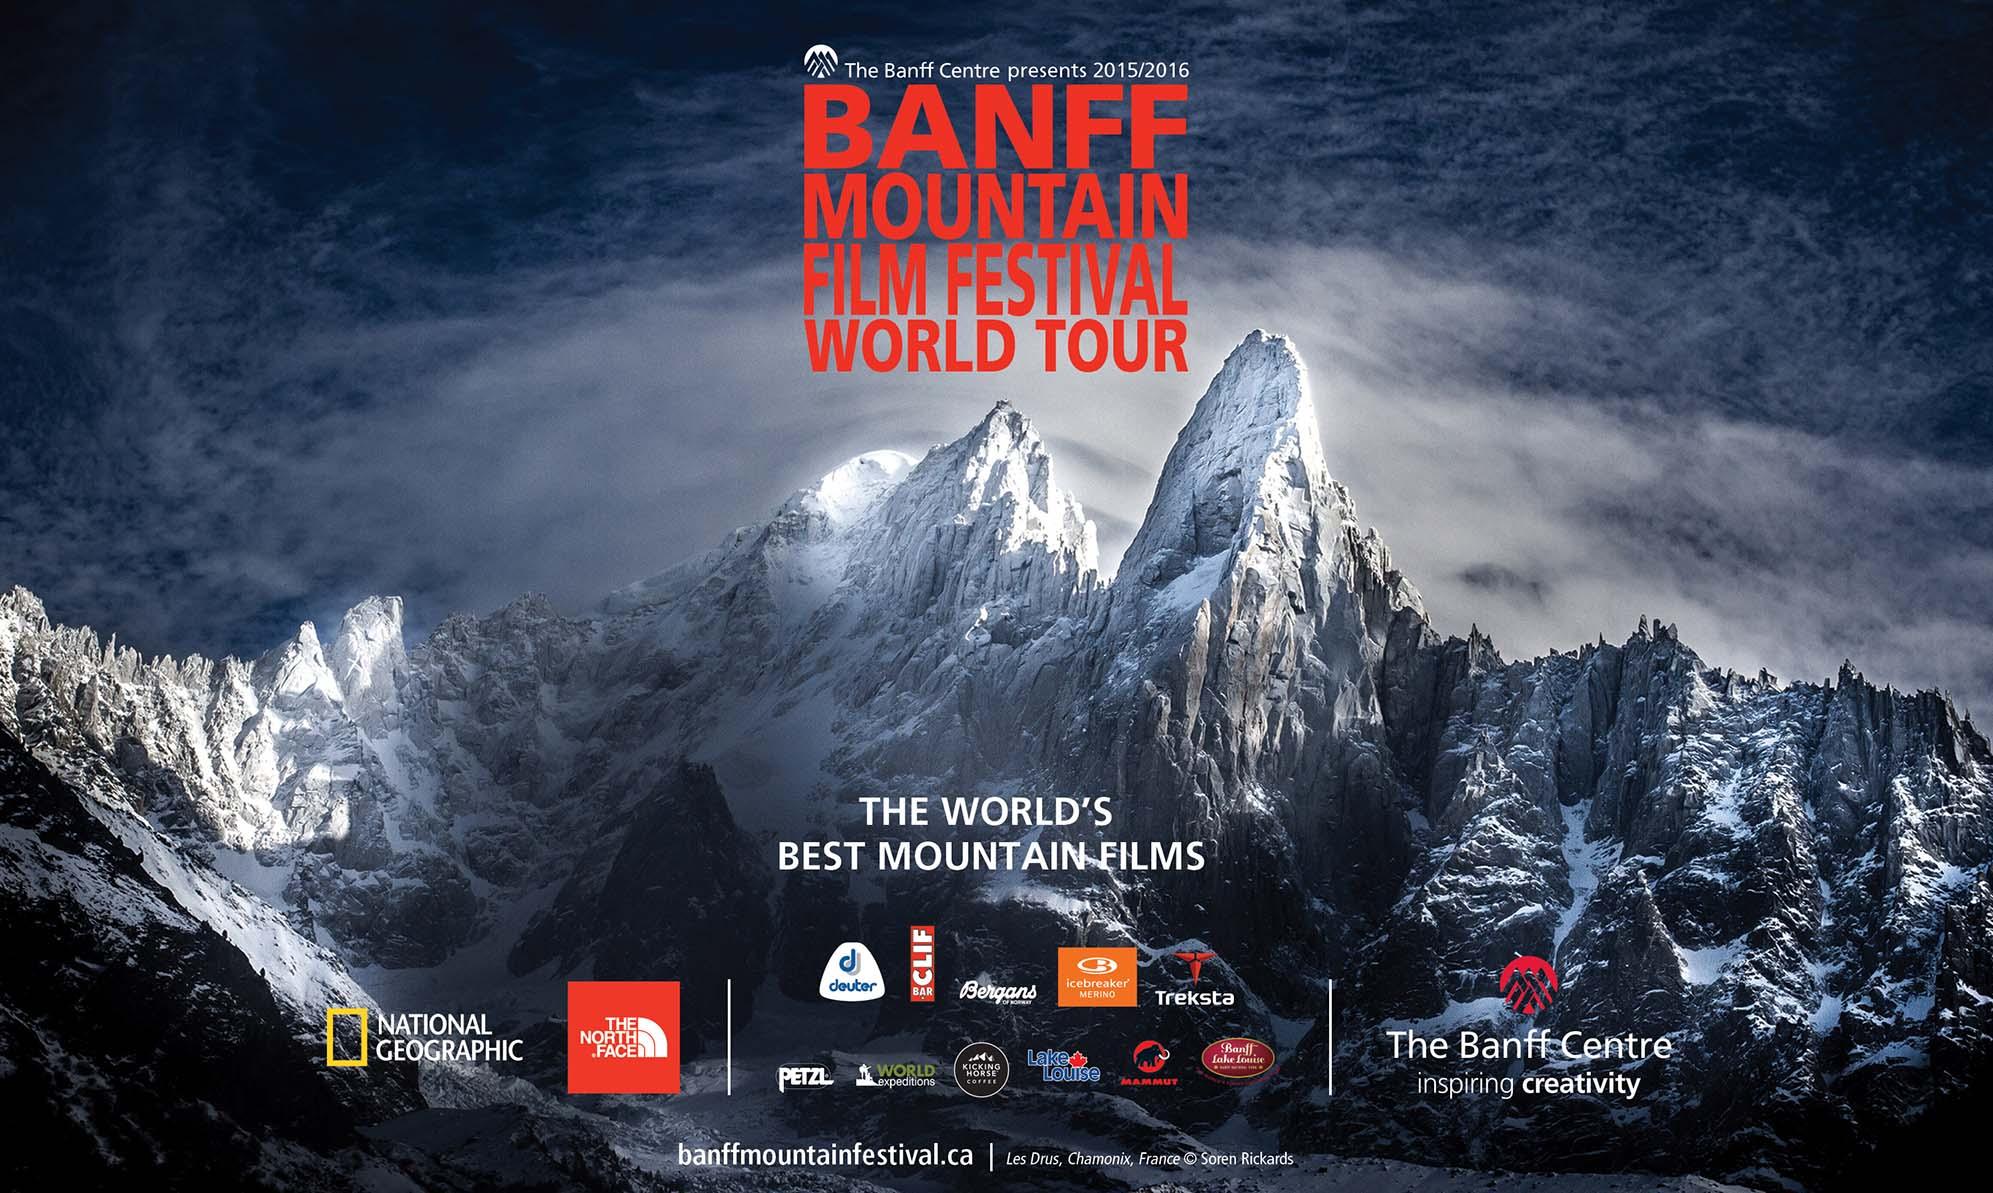 Banff Mountain Film Festival World Tour at Peery's Egyptian Theater